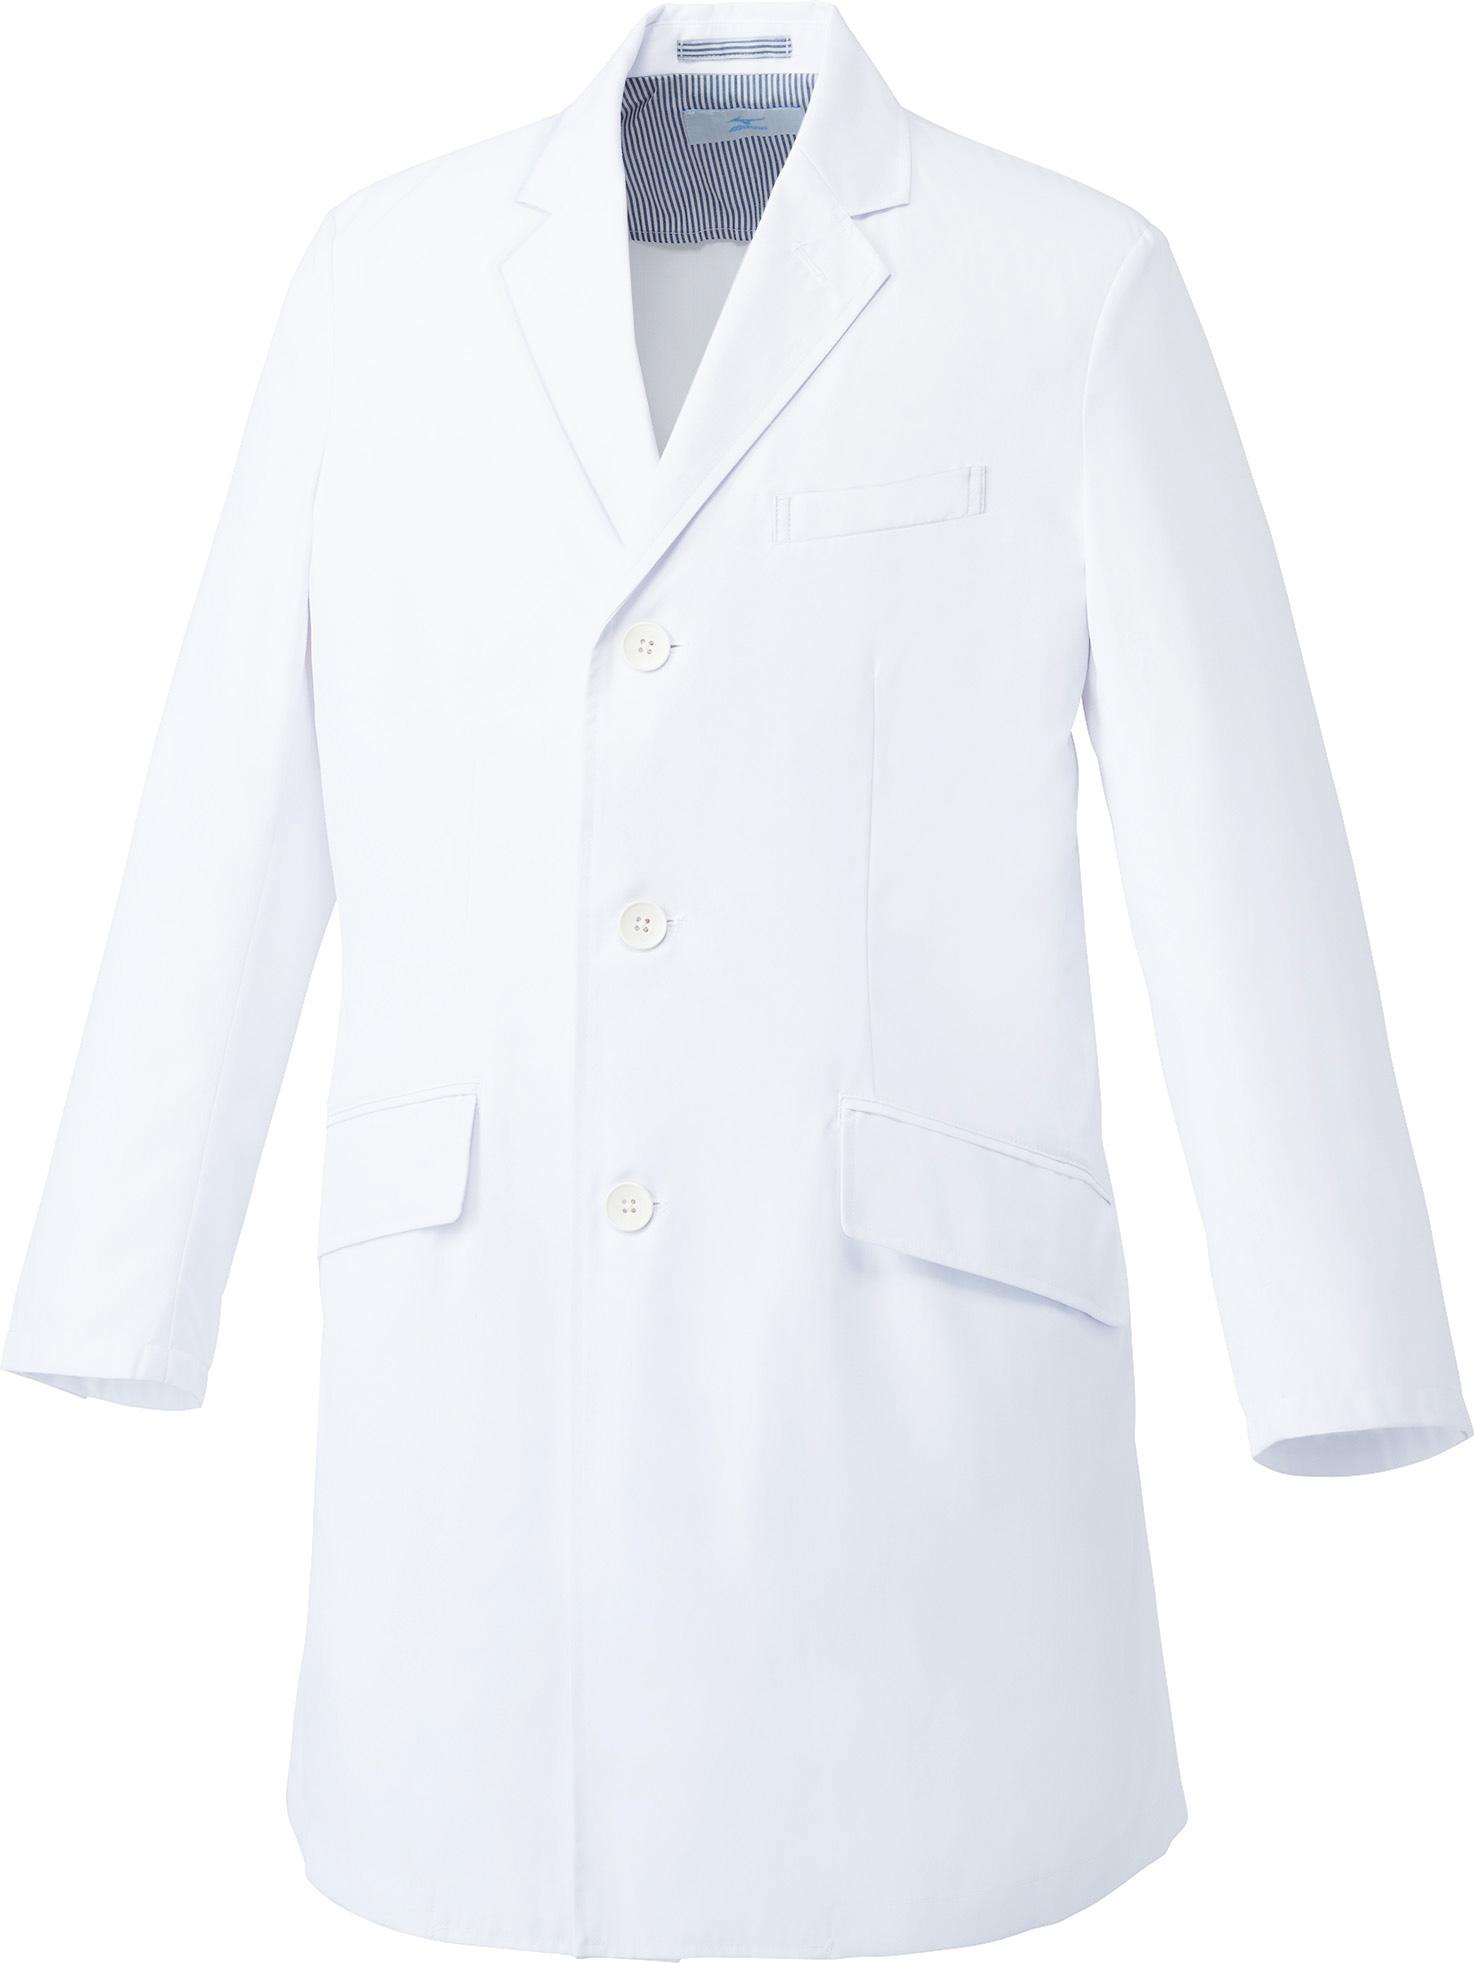 ミズノ ドクターコート/白衣(メンズ)販売。刺繍、プリント加工対応します。研修医、医療チームウェアに人気